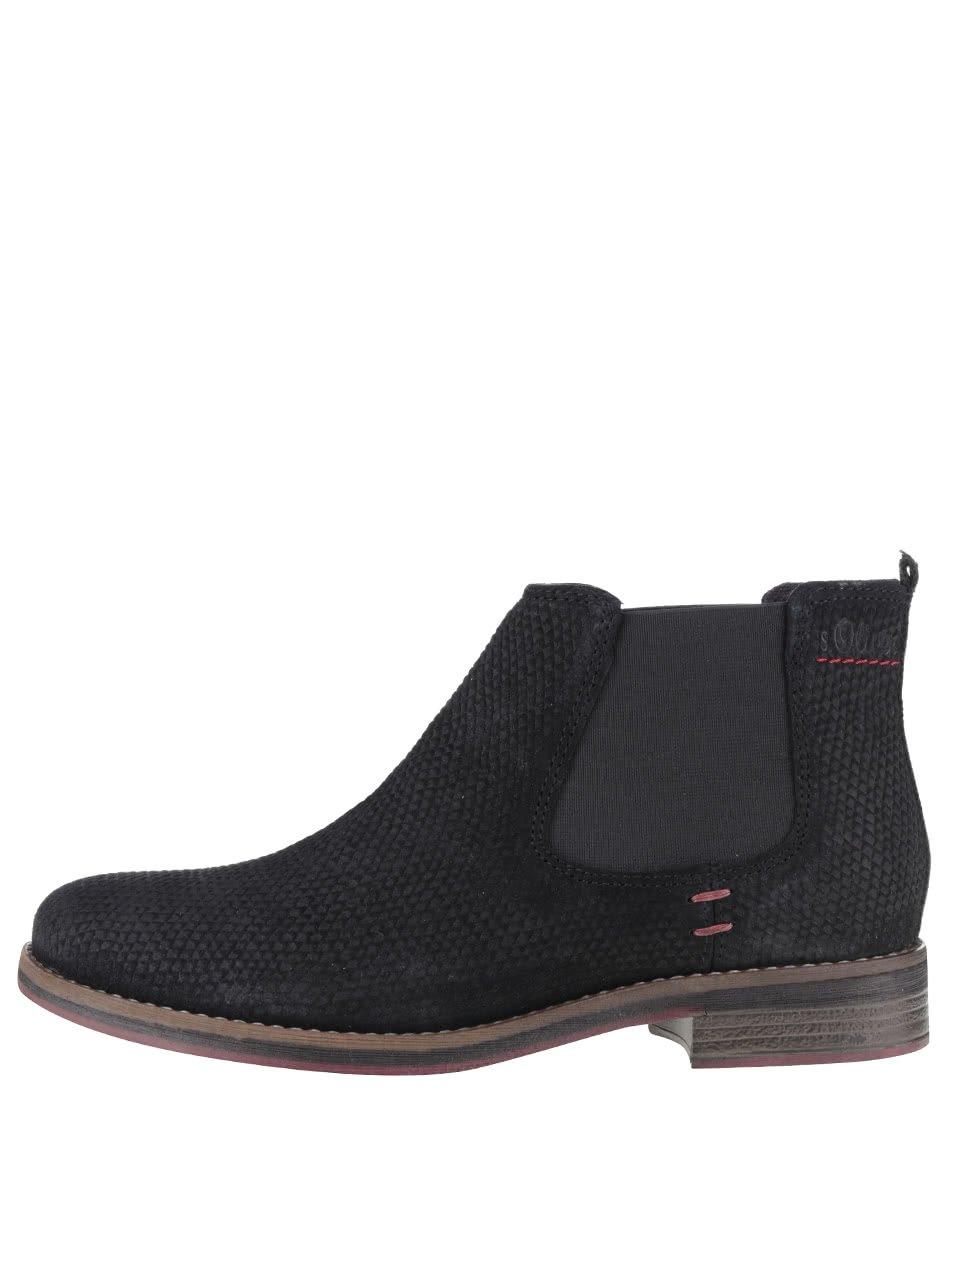 Černé dámské kožené chelsea boty s.Oliver